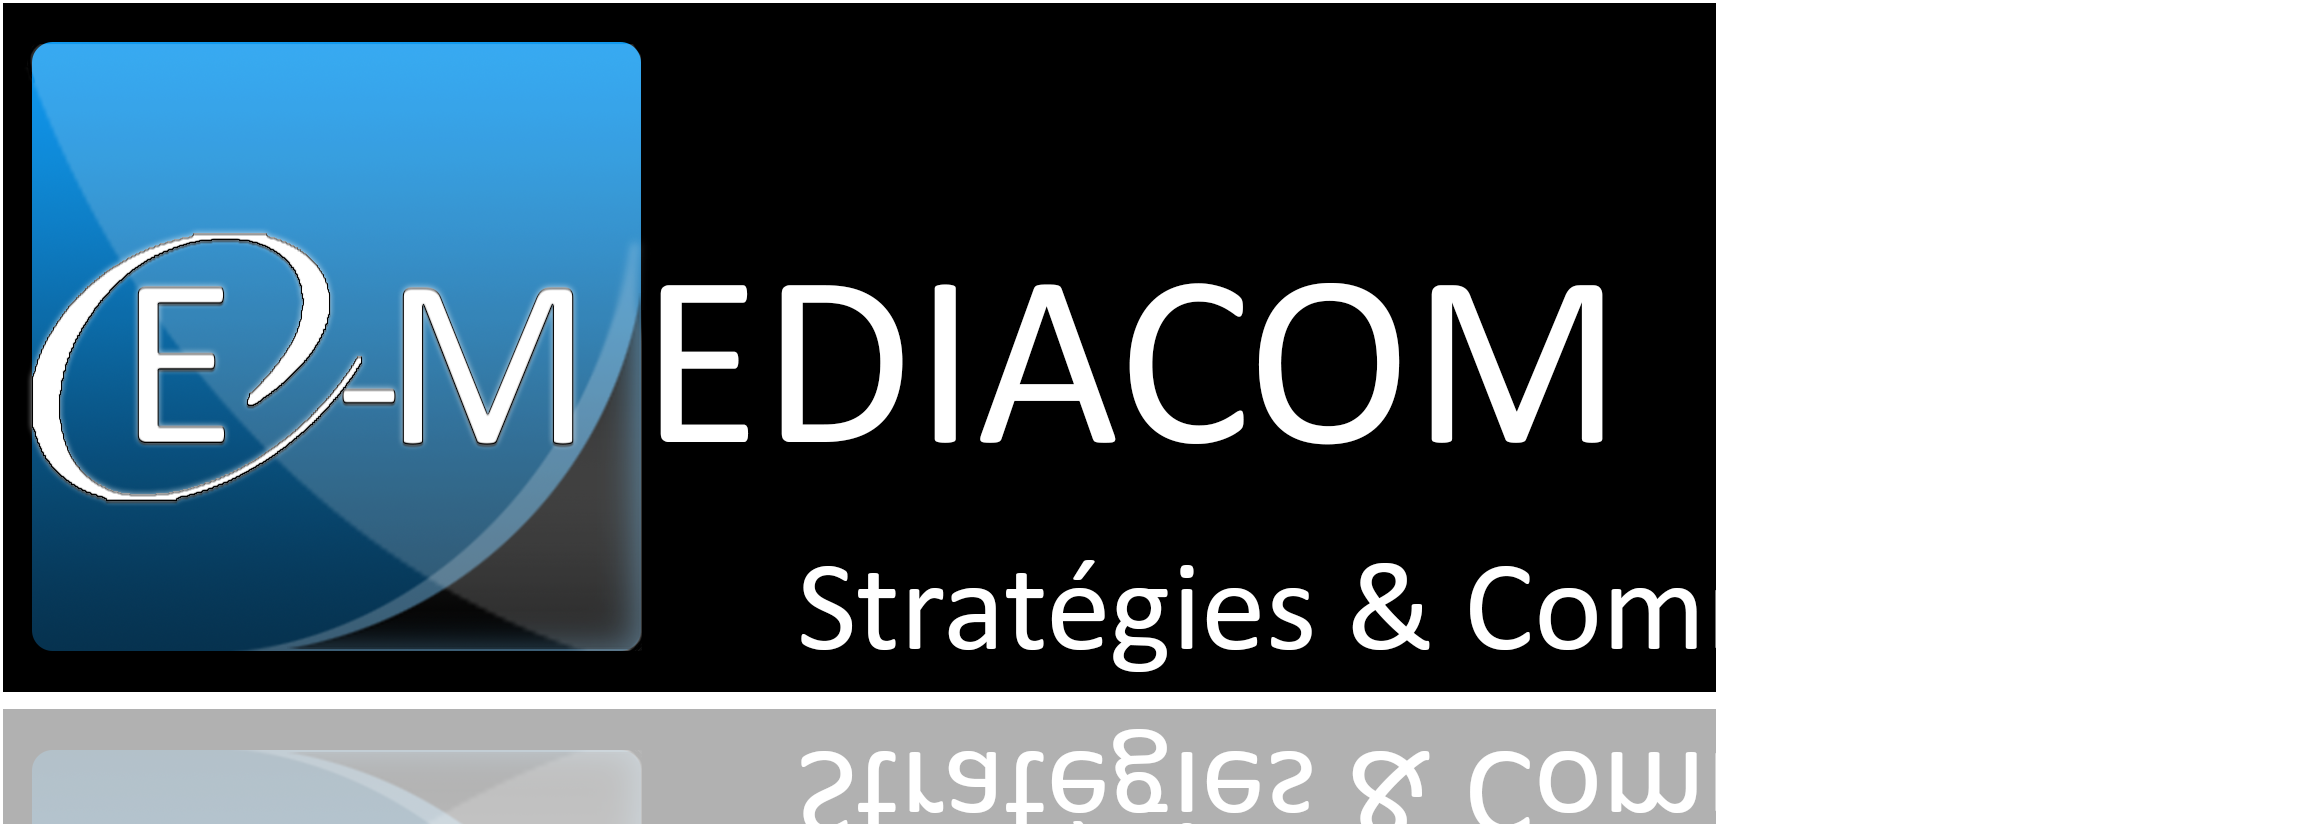 E-Mediacom